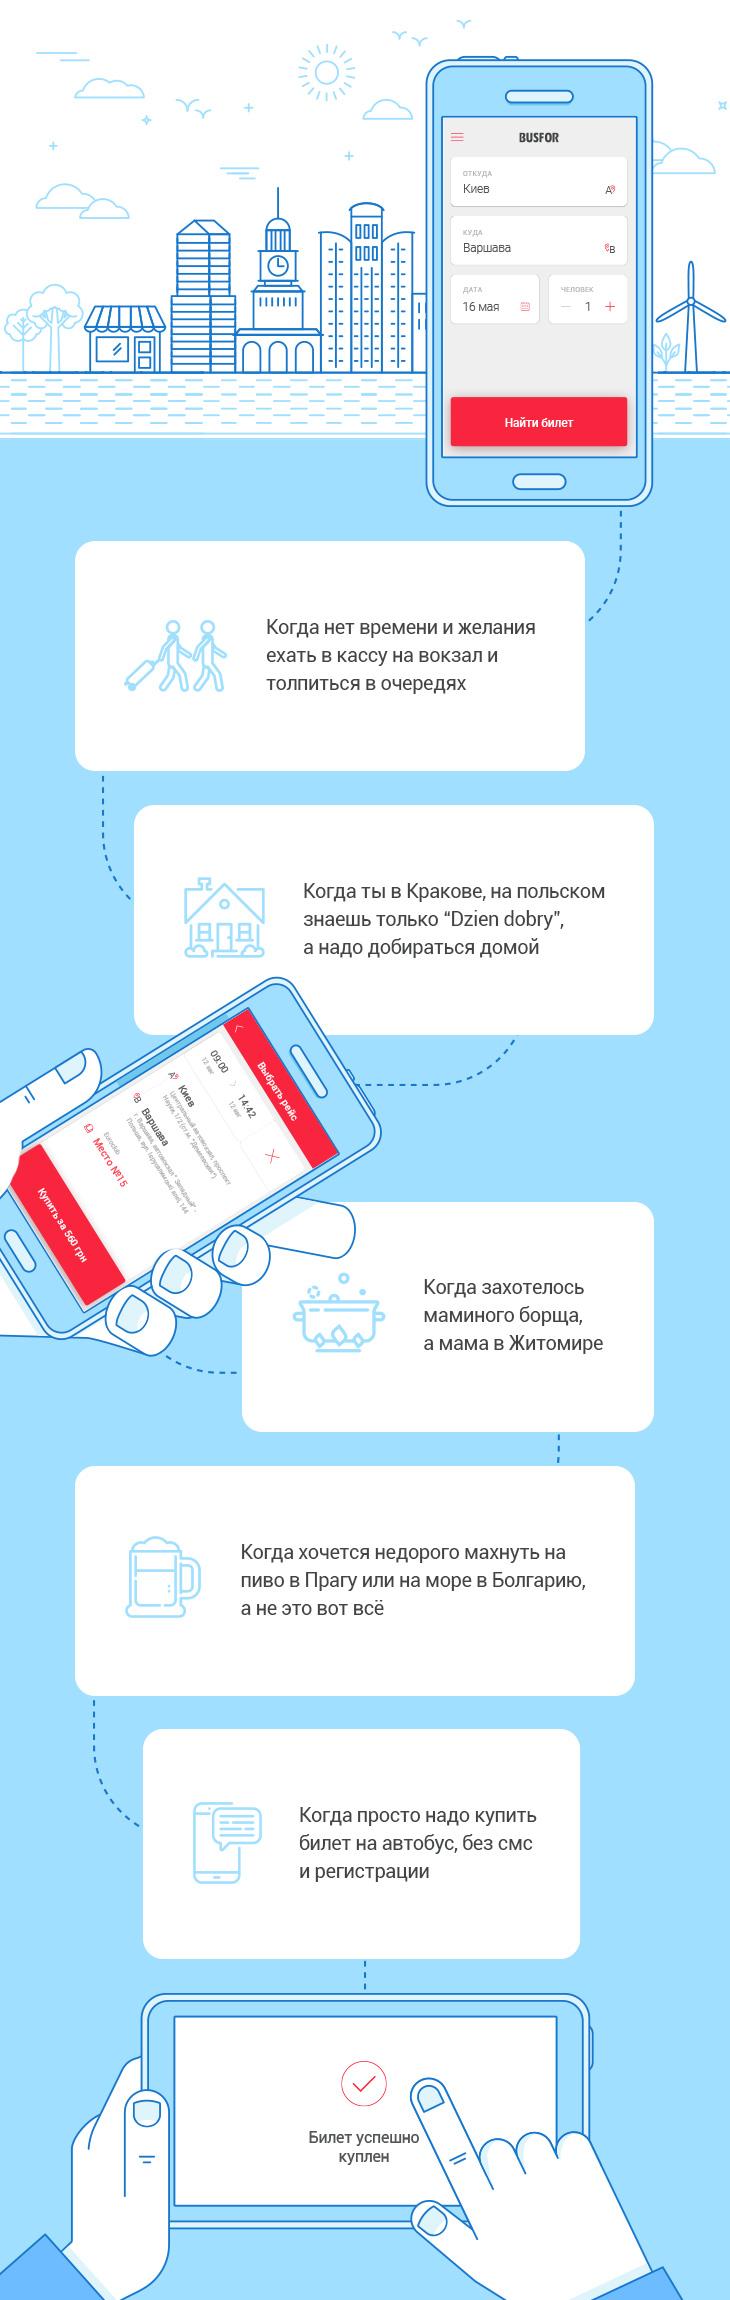 ТОП-5 ситуаций, когда спасет мобильное приложение